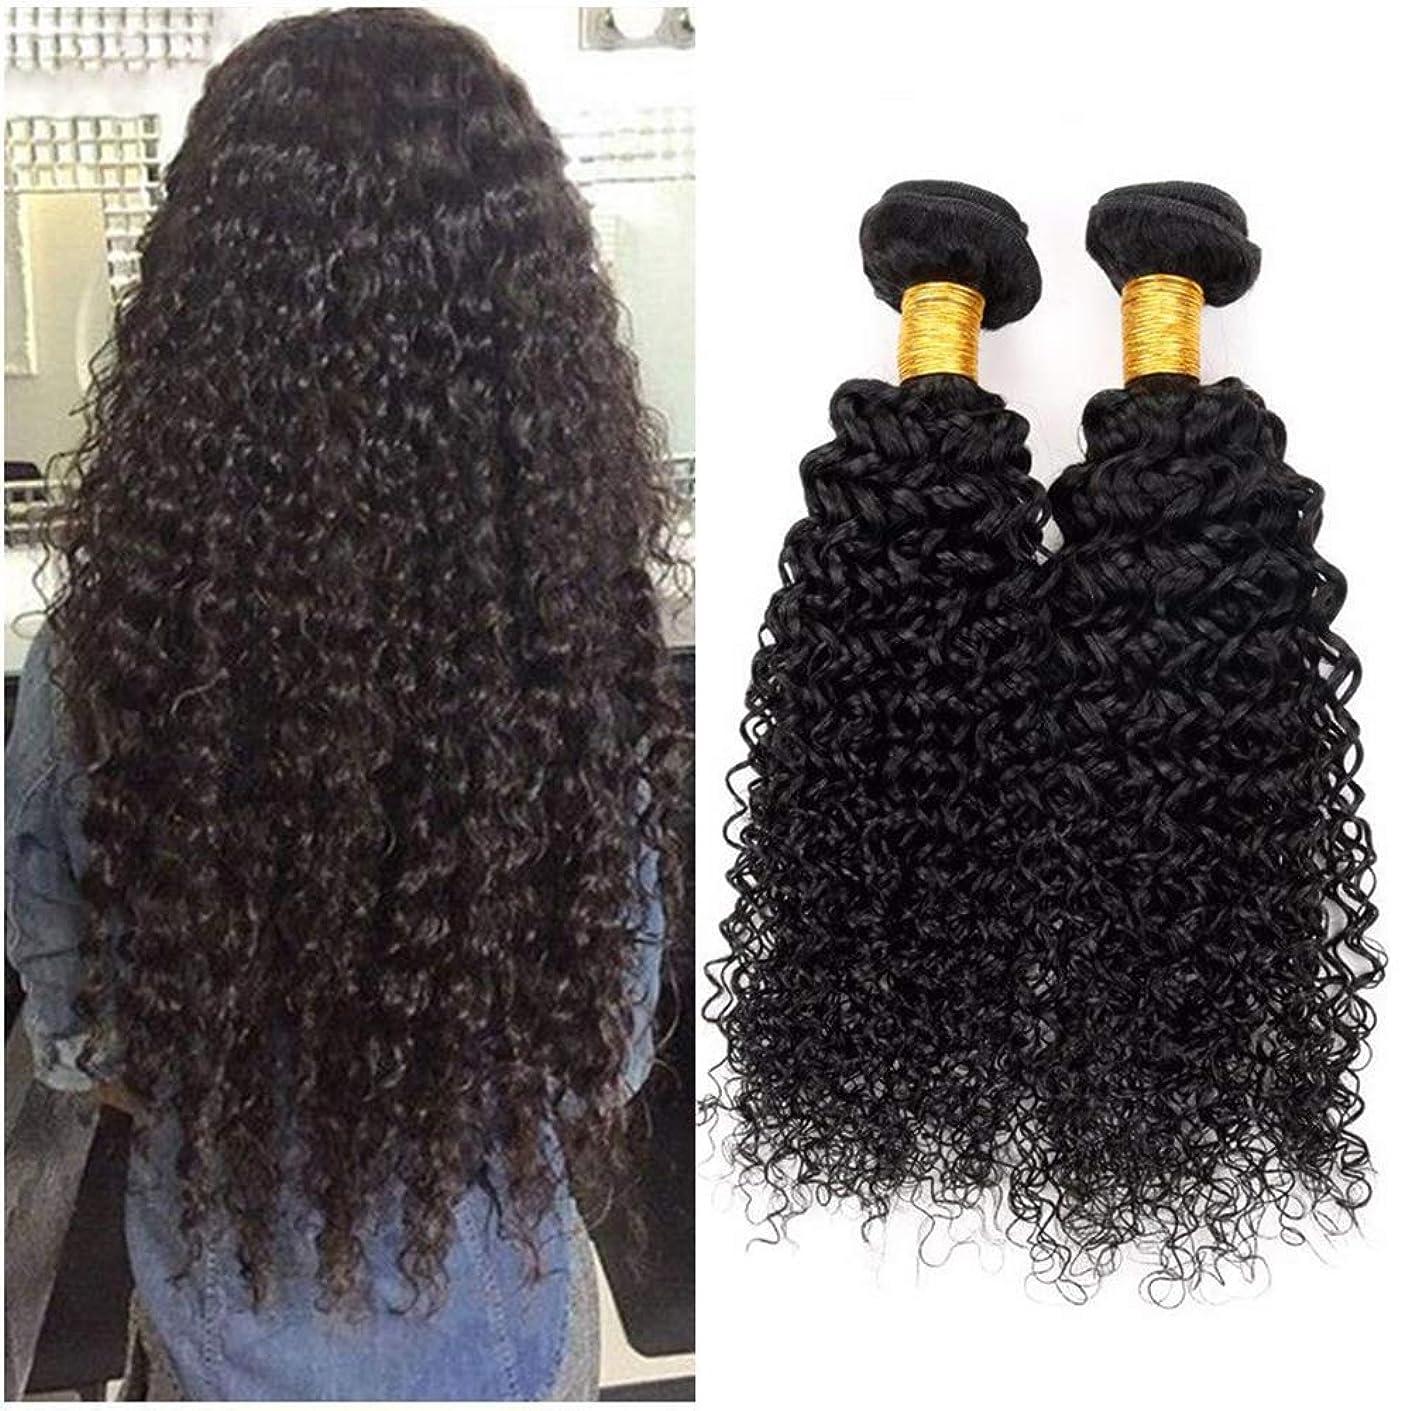 埋める折り目免疫する女性の髪織り8Aブラジル変態カーリーヘアバンドルブラジル髪カーリー人間の髪バンドル1バンドルナチュラルカラー(100 +/- 5g)/ pc